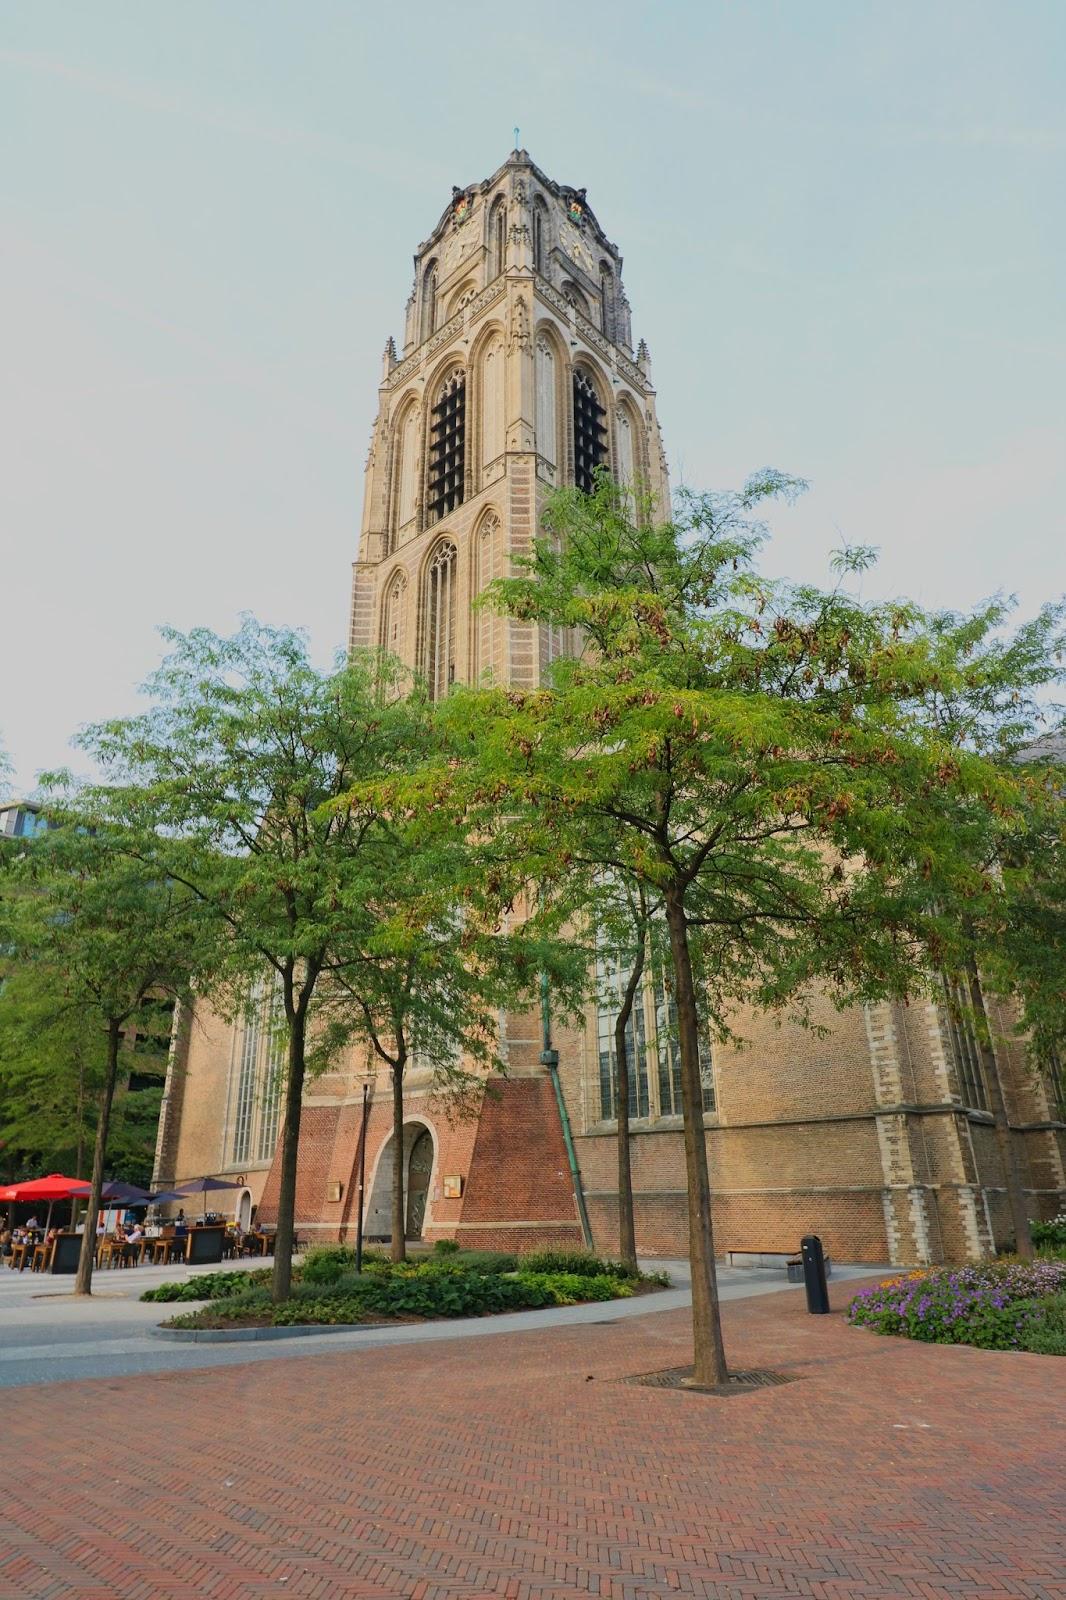 Holandia, kościół